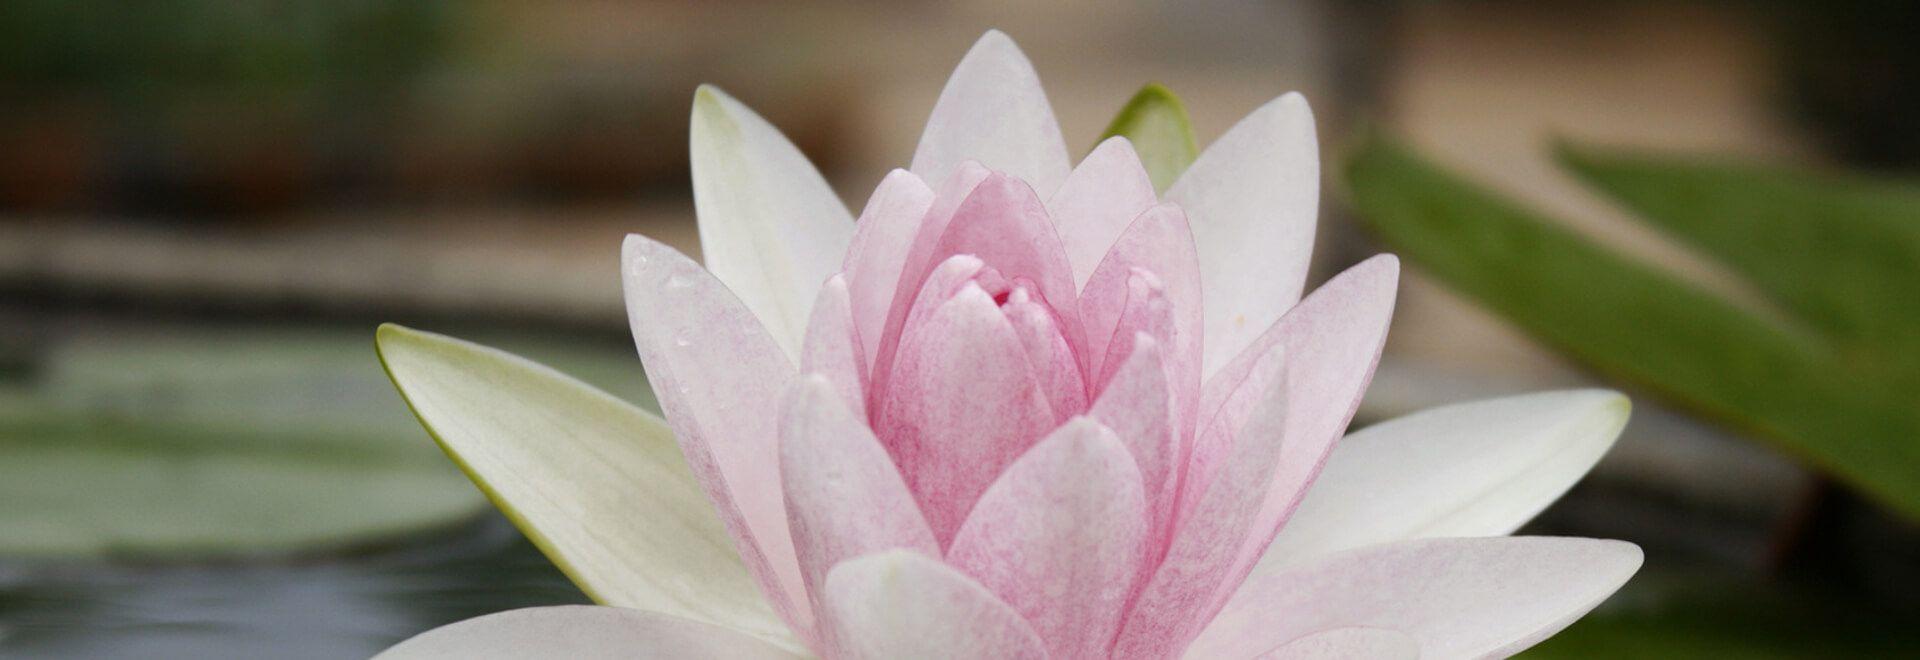 Tipps für die erfolgreiche Praxis der Thai-Massage entdecken